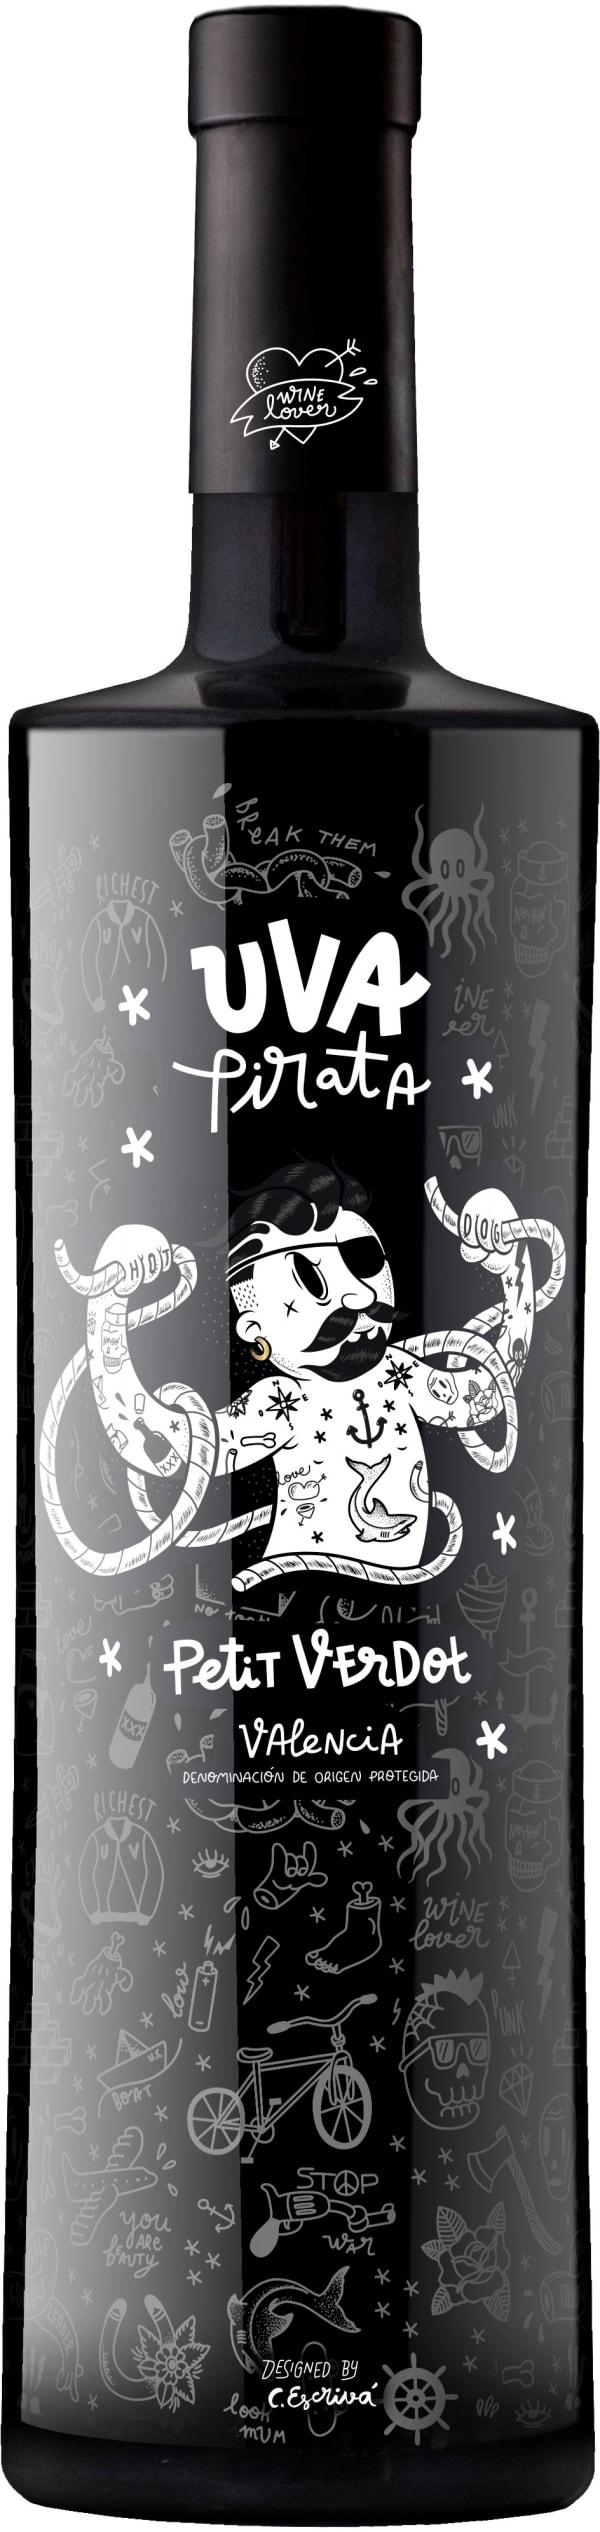 Vicente Gandía Uva Pirata Petit Verdot 2016